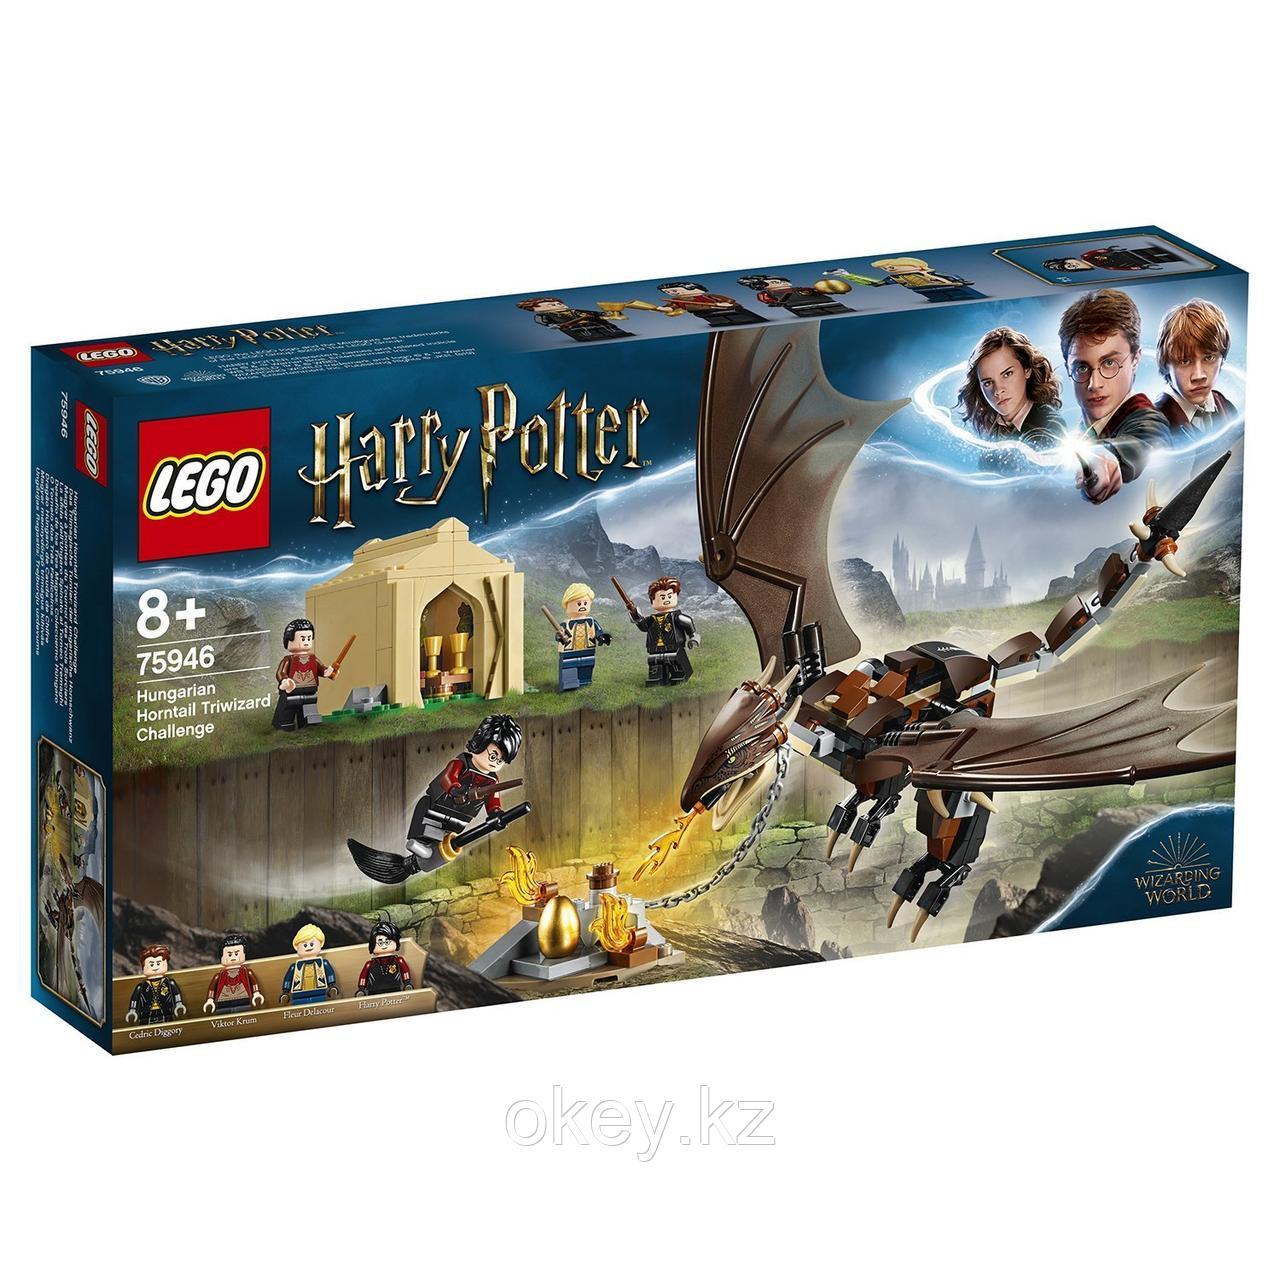 LEGO Harry Potter: Турнир трёх волшебников венгерская хвосторога 75946